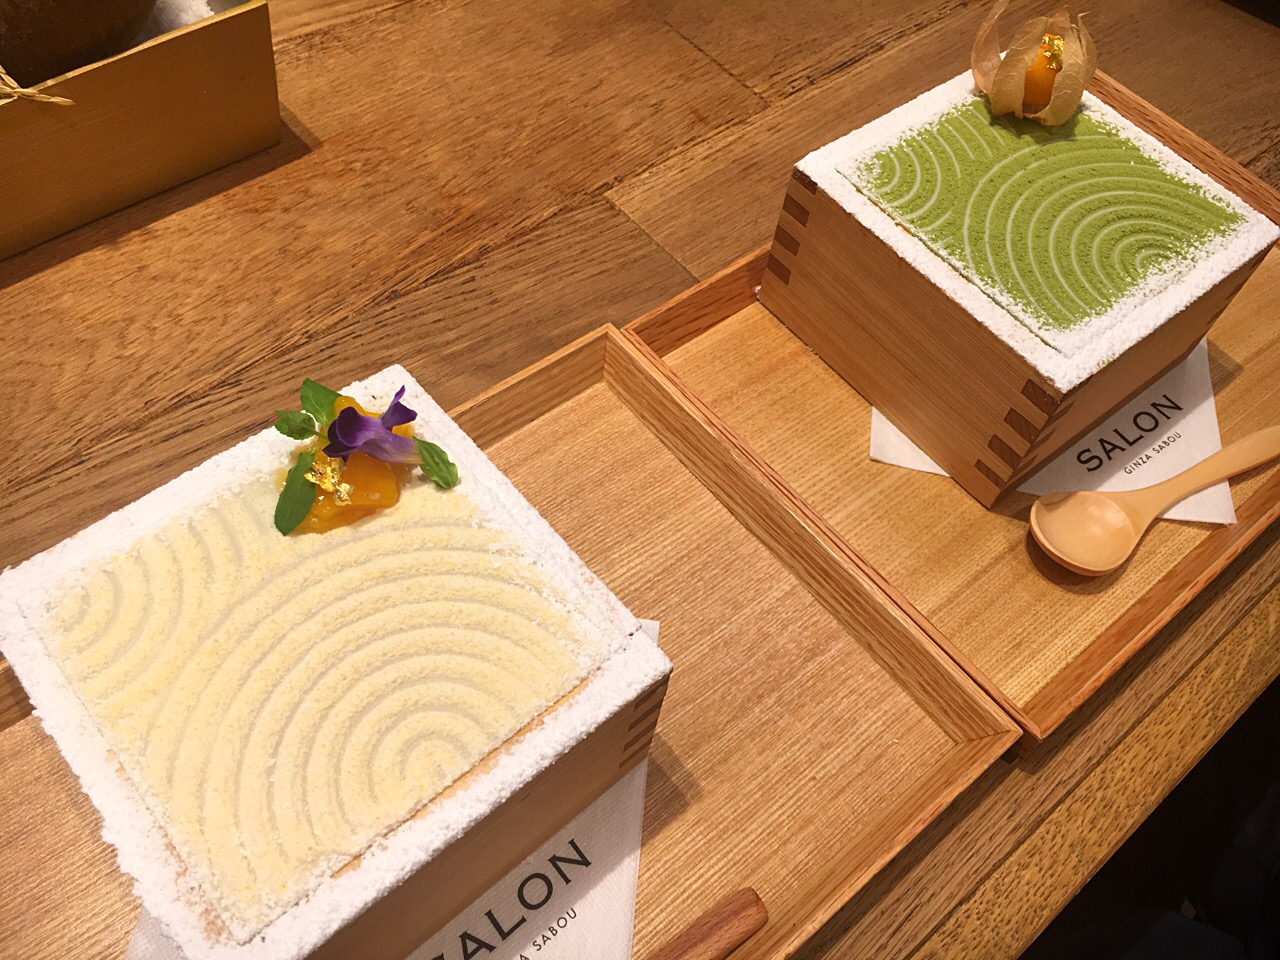 東京にもあった!銀座「サロンギンザサボウ」の升入り抹茶スイーツに注目♪